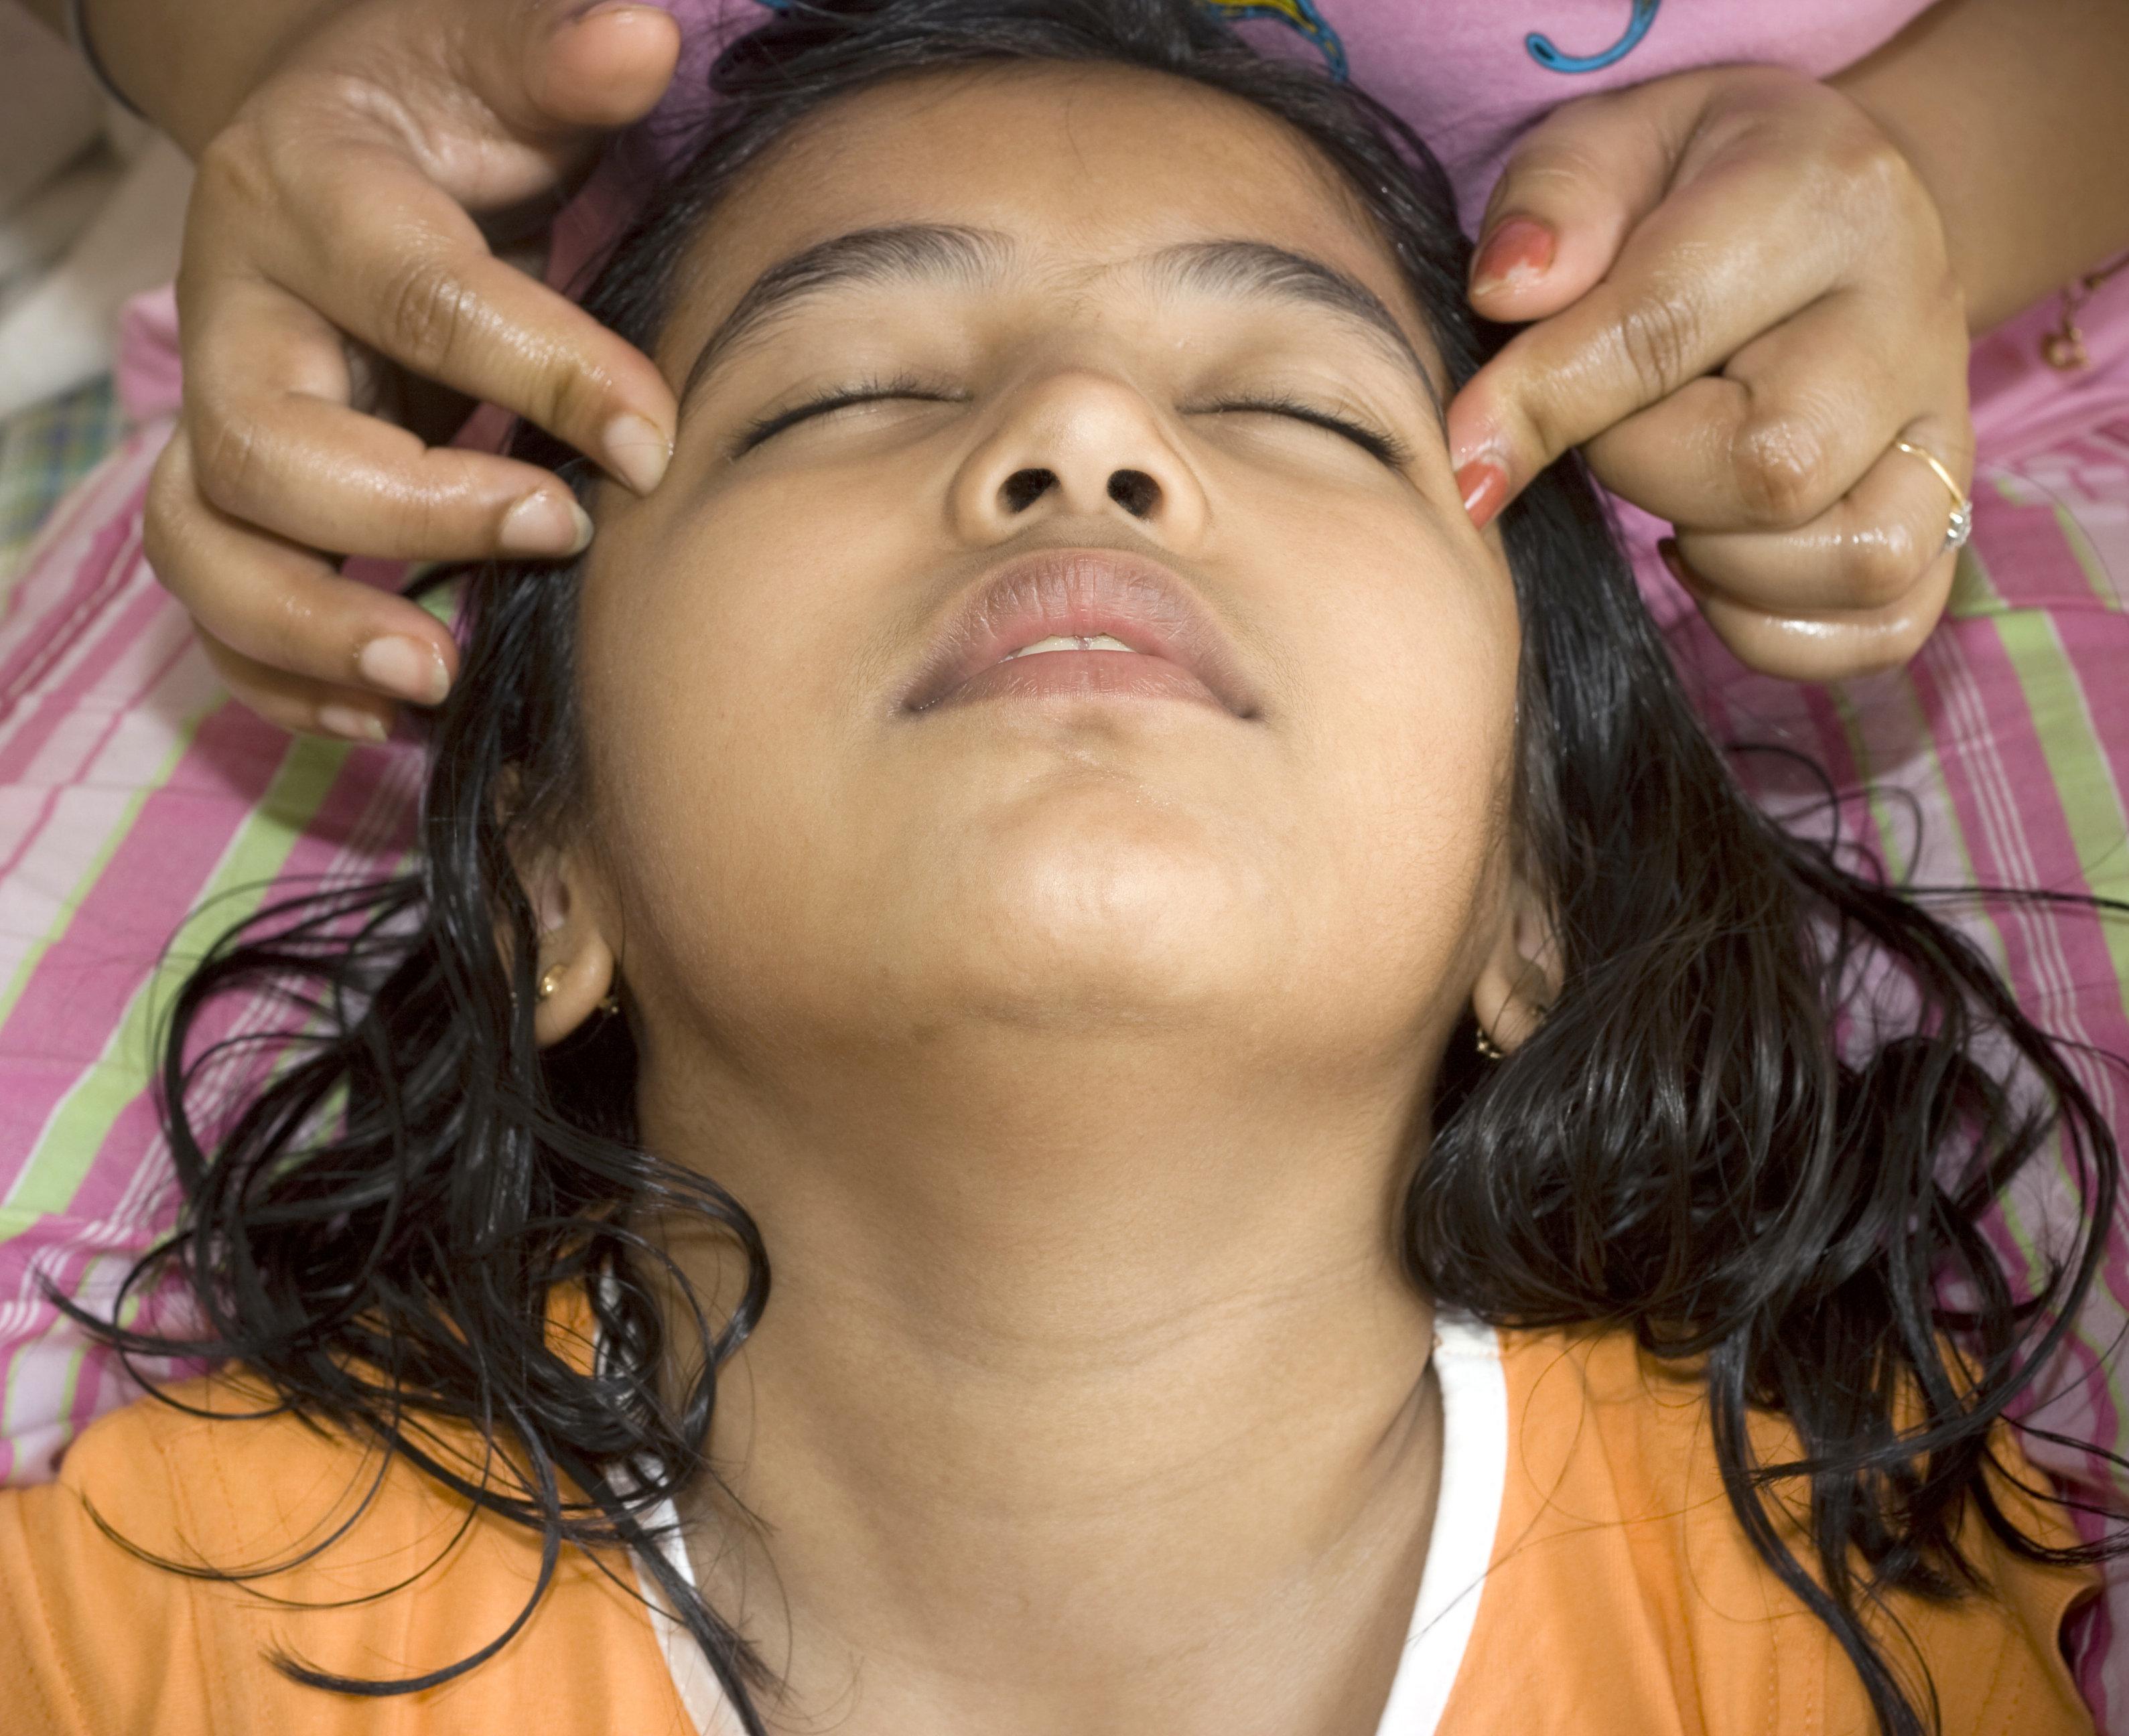 8-jährige Inderin leidet an Kopfschmerzen –dann machen die Ärzte eine schaurige Entdeckung